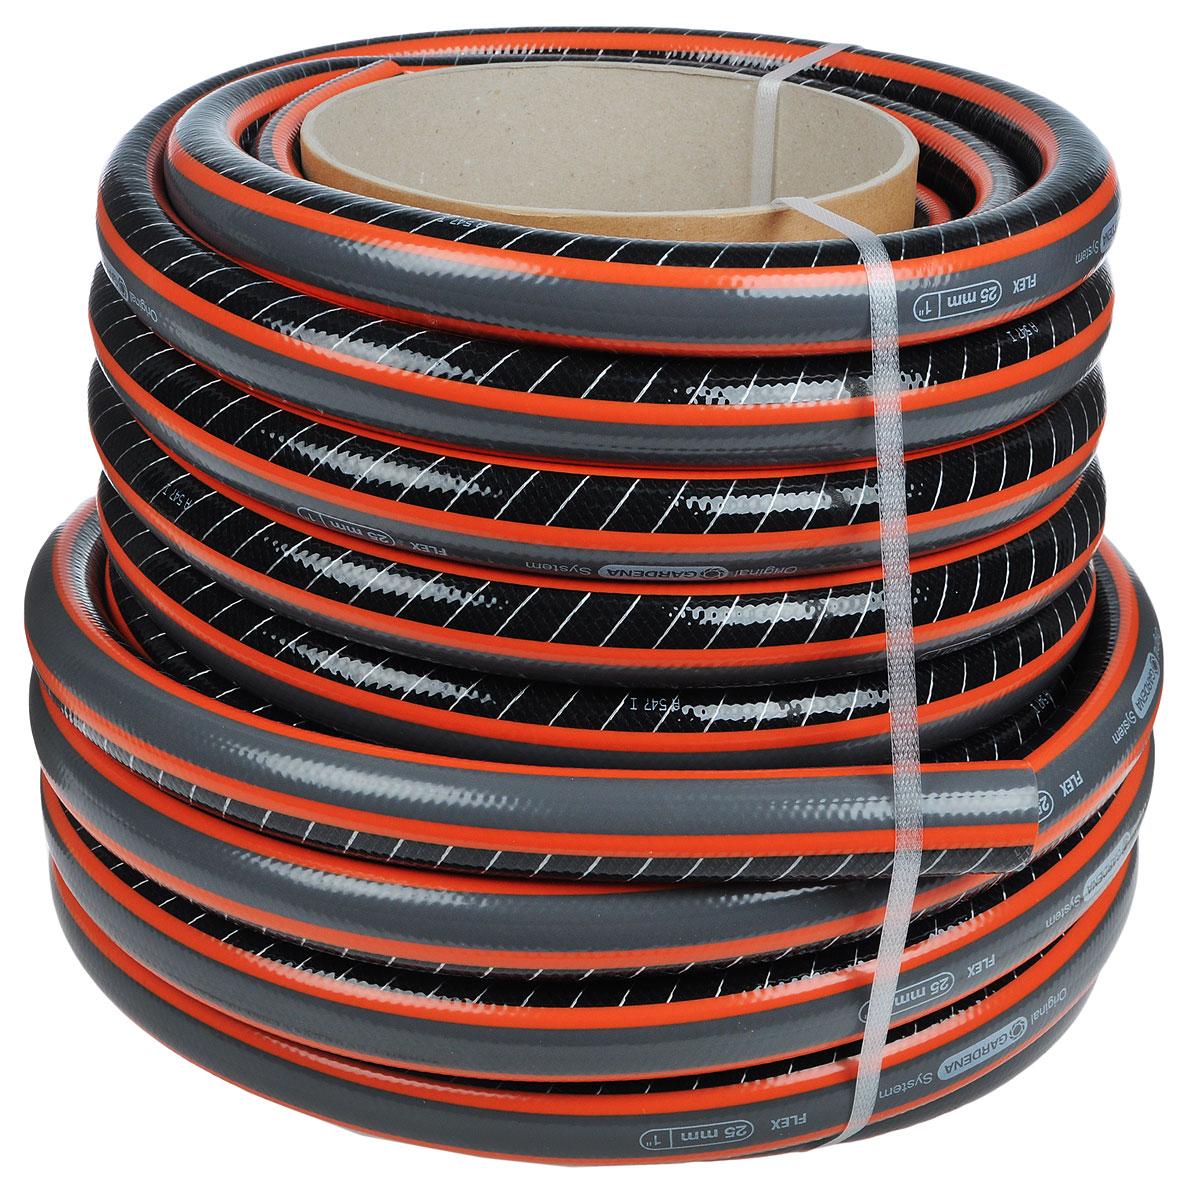 Шланг Gardena Flex, диаметр 25 мм, длина 25 м18057-22.000.00Шланг Gardena Flex c ребристым профилем Power Grip для идеального соединения с коннектором базовой системы полива. Благодаря спиралевидному текстильному армированию, усиленному углеродными волокнами, шланг стал устойчивее к высокому давлению и сохранению формы. Шланг не содержит фталаты и тяжелые металлы и невосприимчив к УФ-излучению. Толстые стенки шланга обеспечивают длительный срок службы и безопасность использования.Длина шланга: 25 м.Диаметр шланга: 25 мм.Давление разрыва: 25 бар.